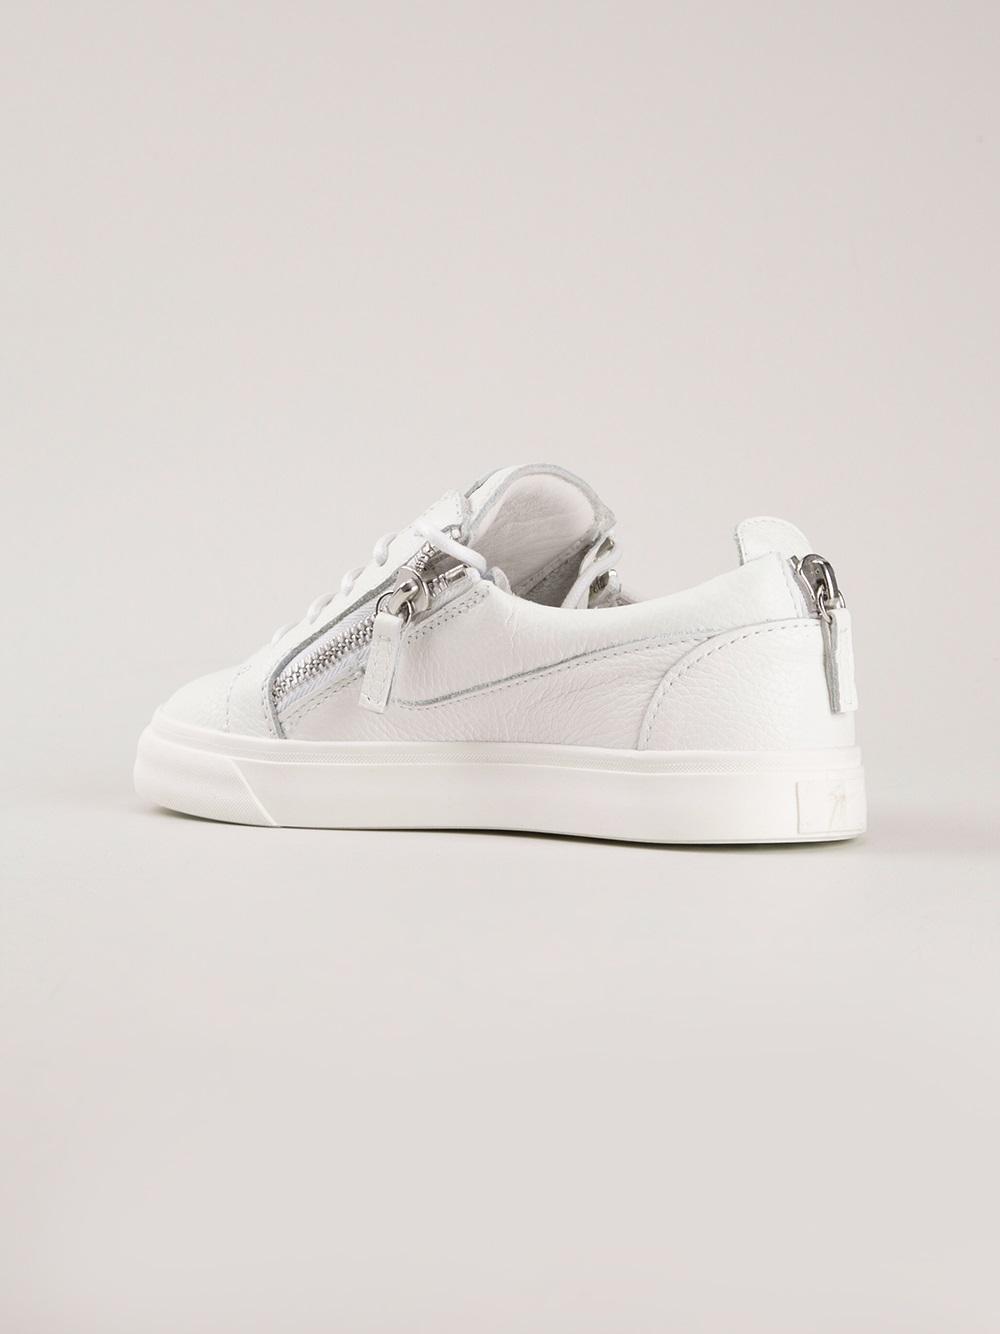 Giuseppe Zanotti Zip-up Sneakers in White